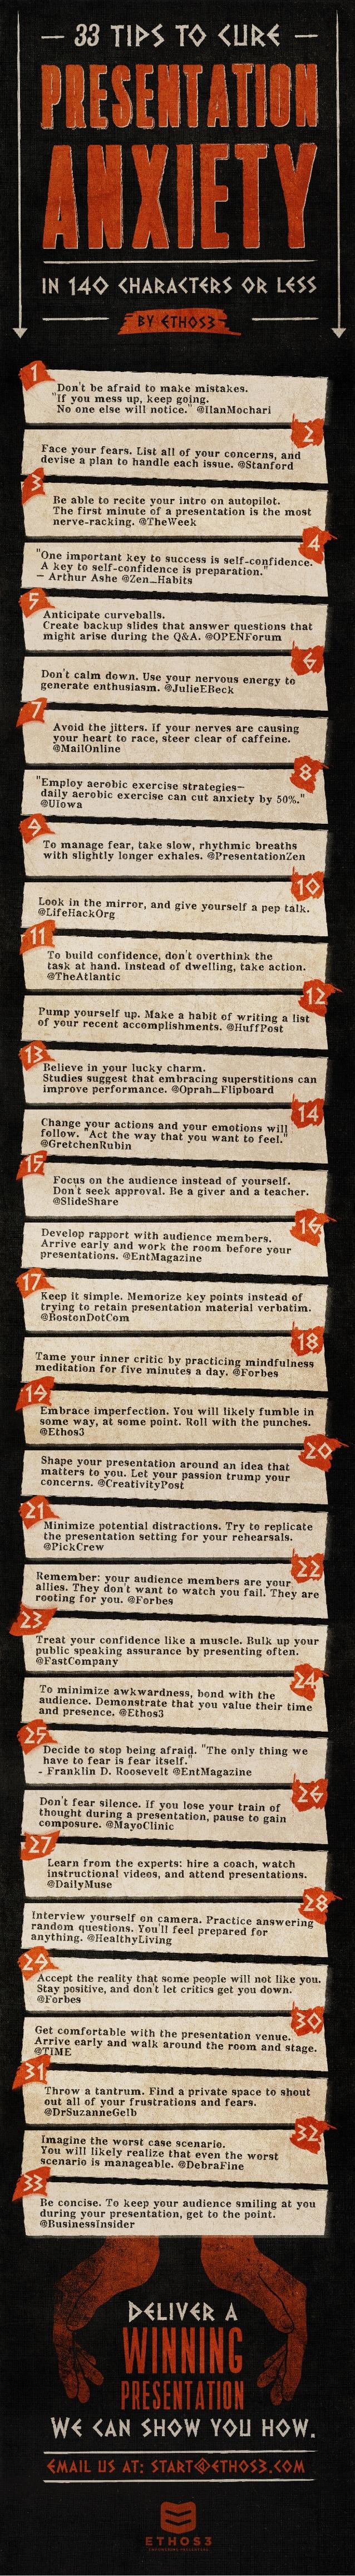 33 consejos para curar la ansiedad en 140 caracteres